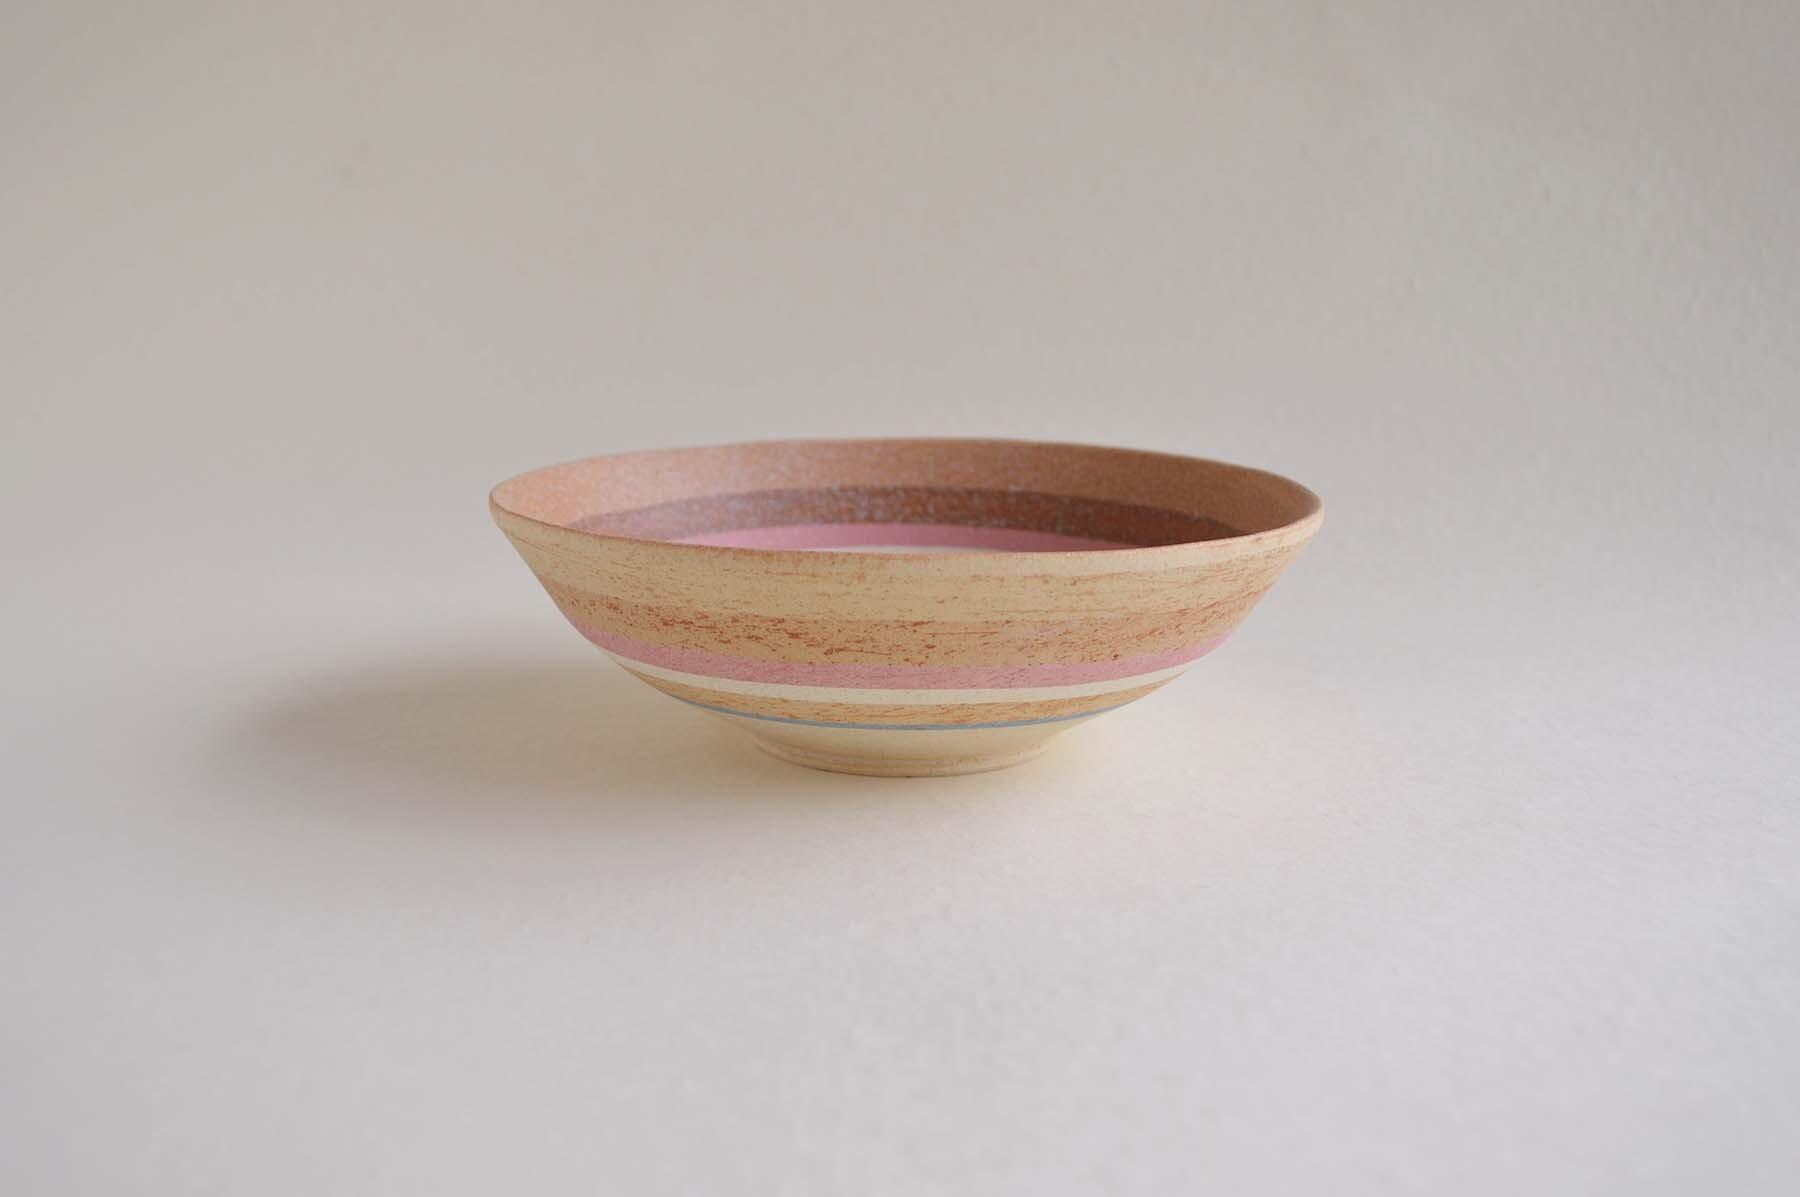 画像1: 縞中鉢・ブルー&ピンク (1)